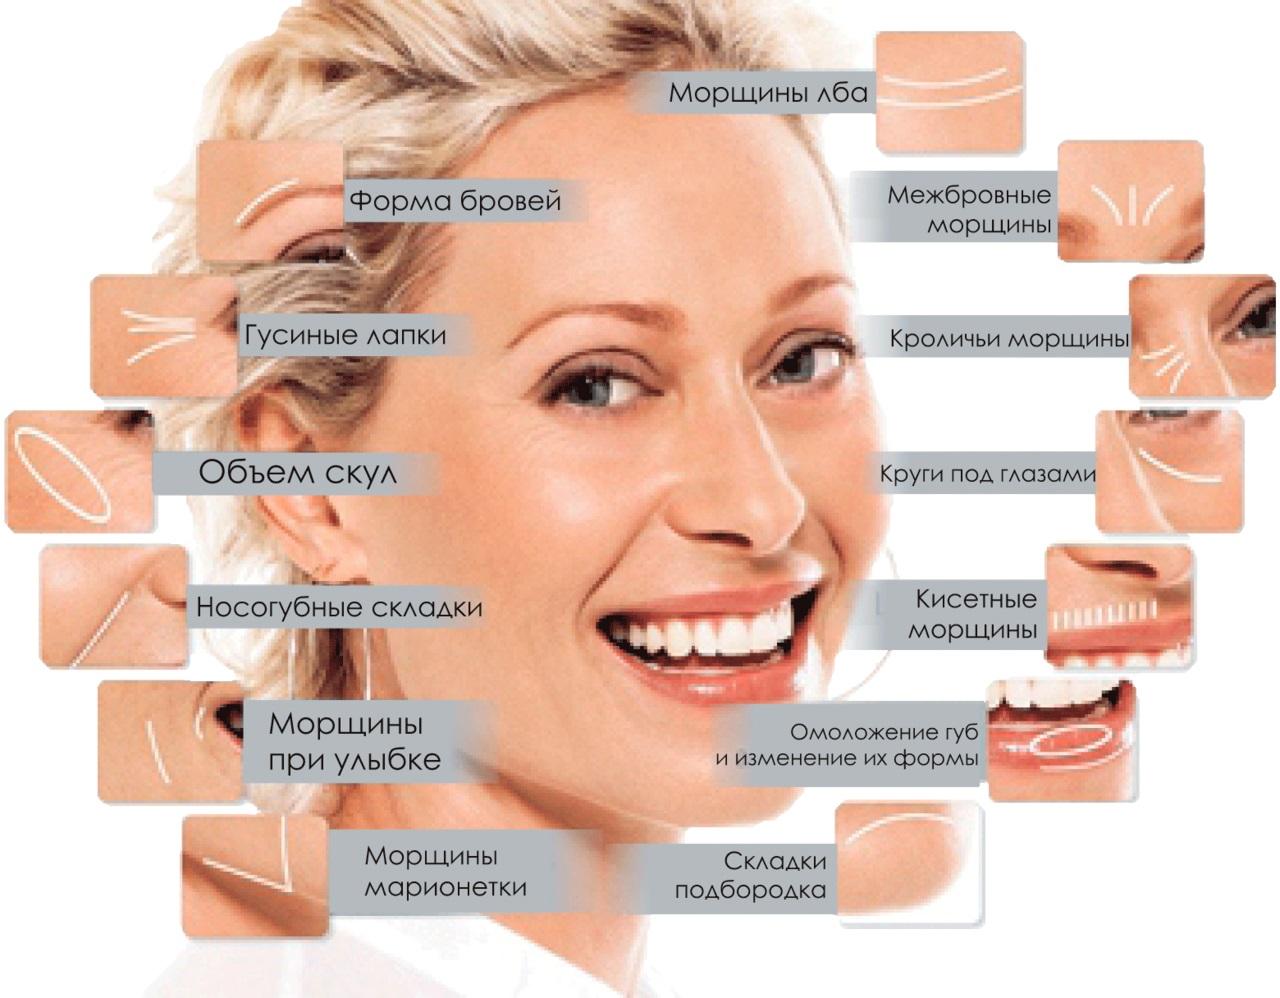 Классификация морщин